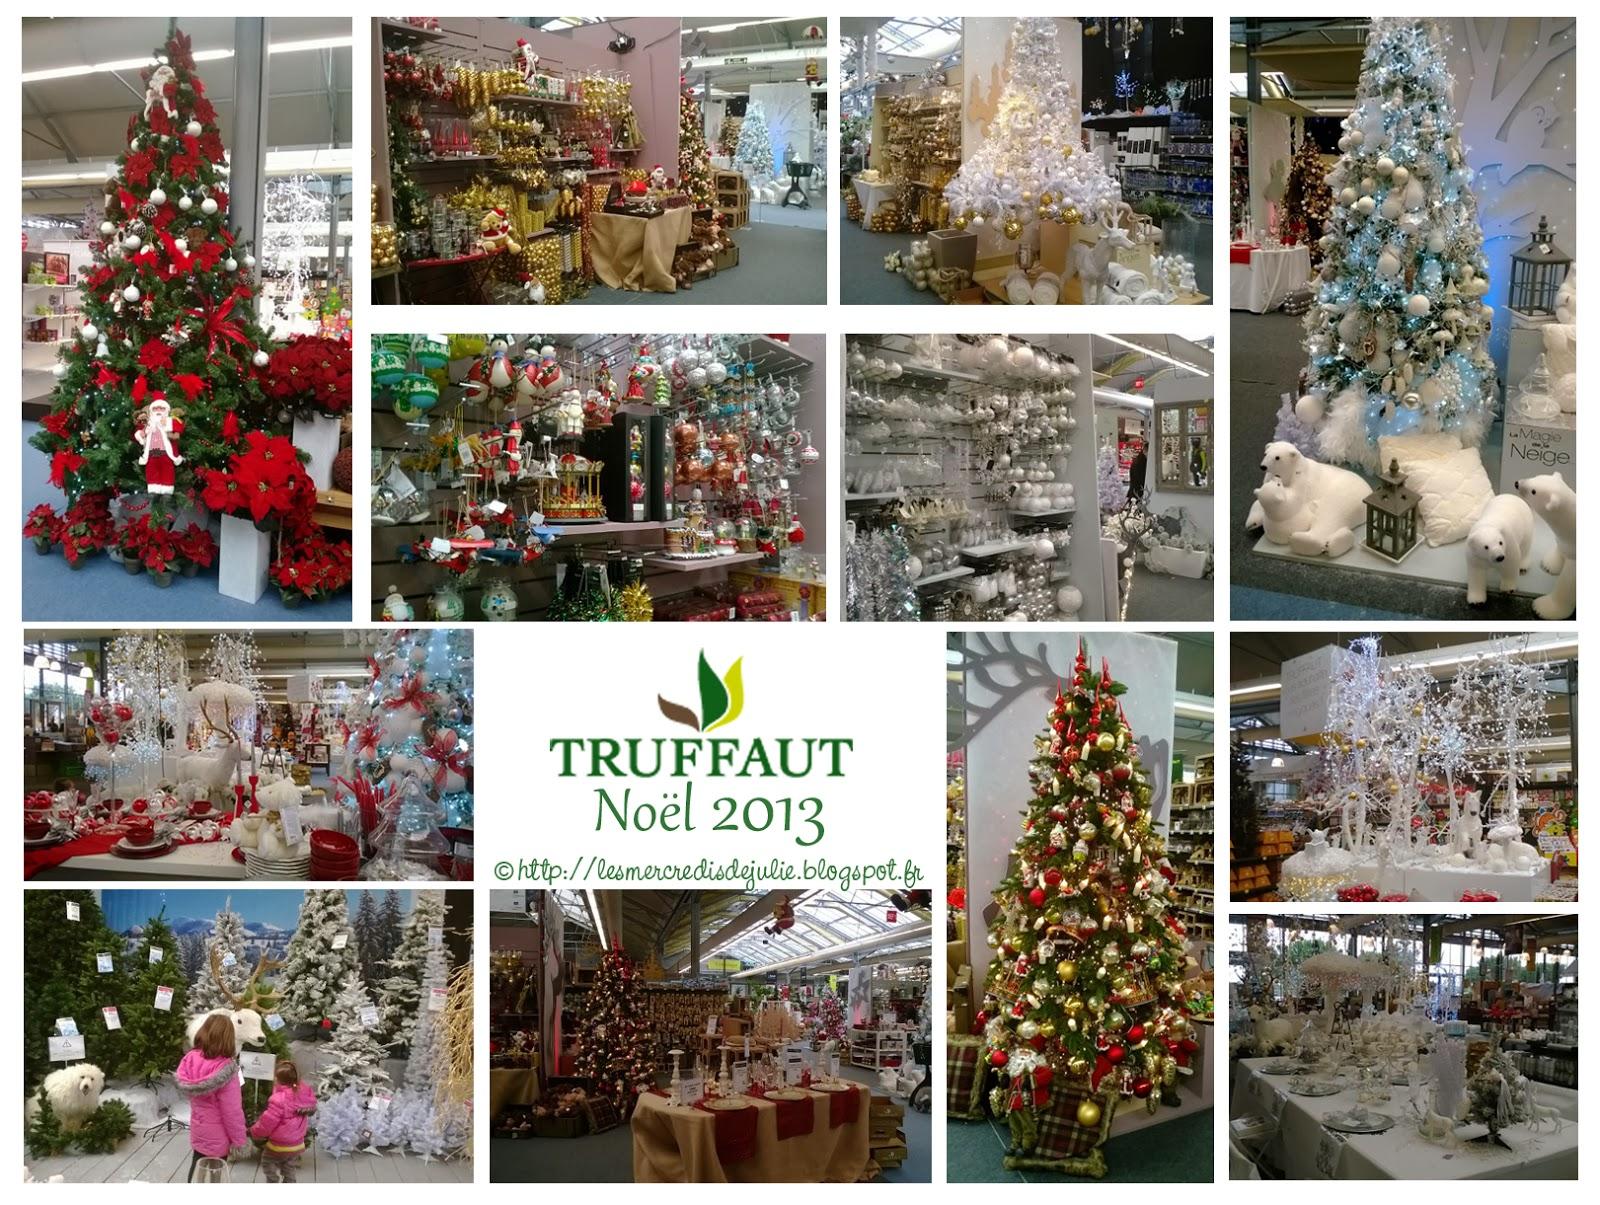 #6B382A Les Mercredis De Julie : Truffaut Noël 2013 5527 décorations de noel truffaut 1600x1205 px @ aertt.com